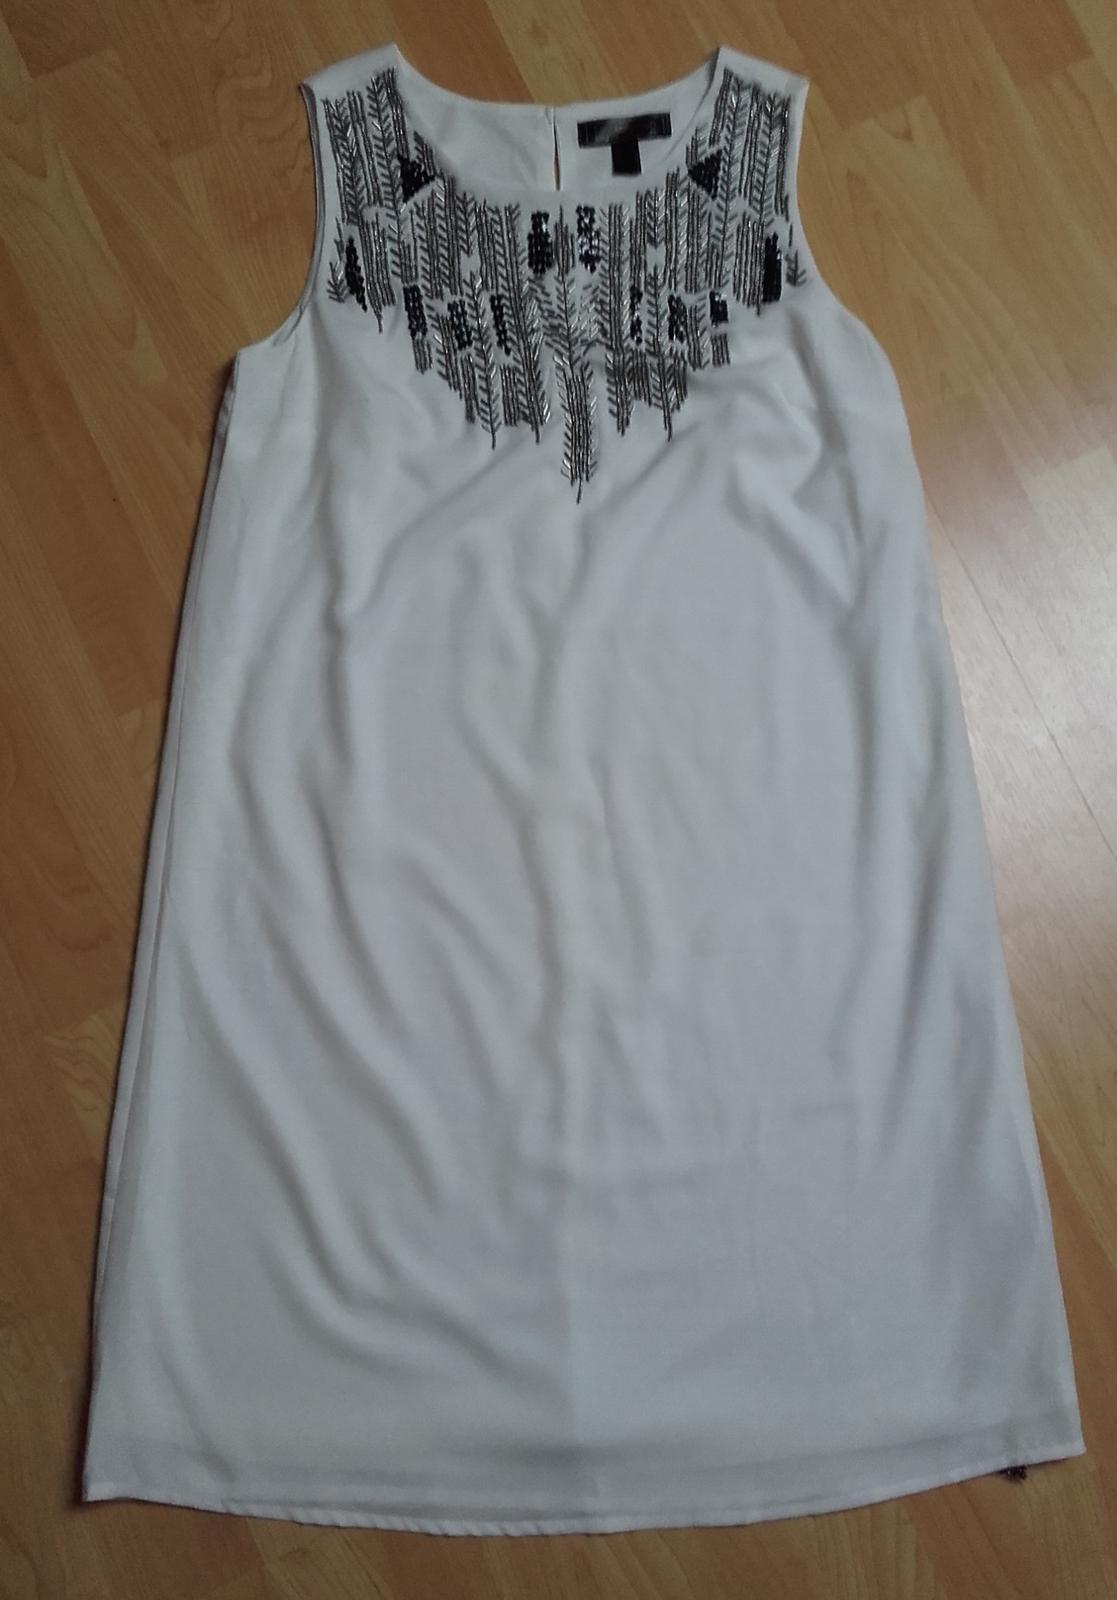 Šaty s výšivkou - Obrázek č. 1